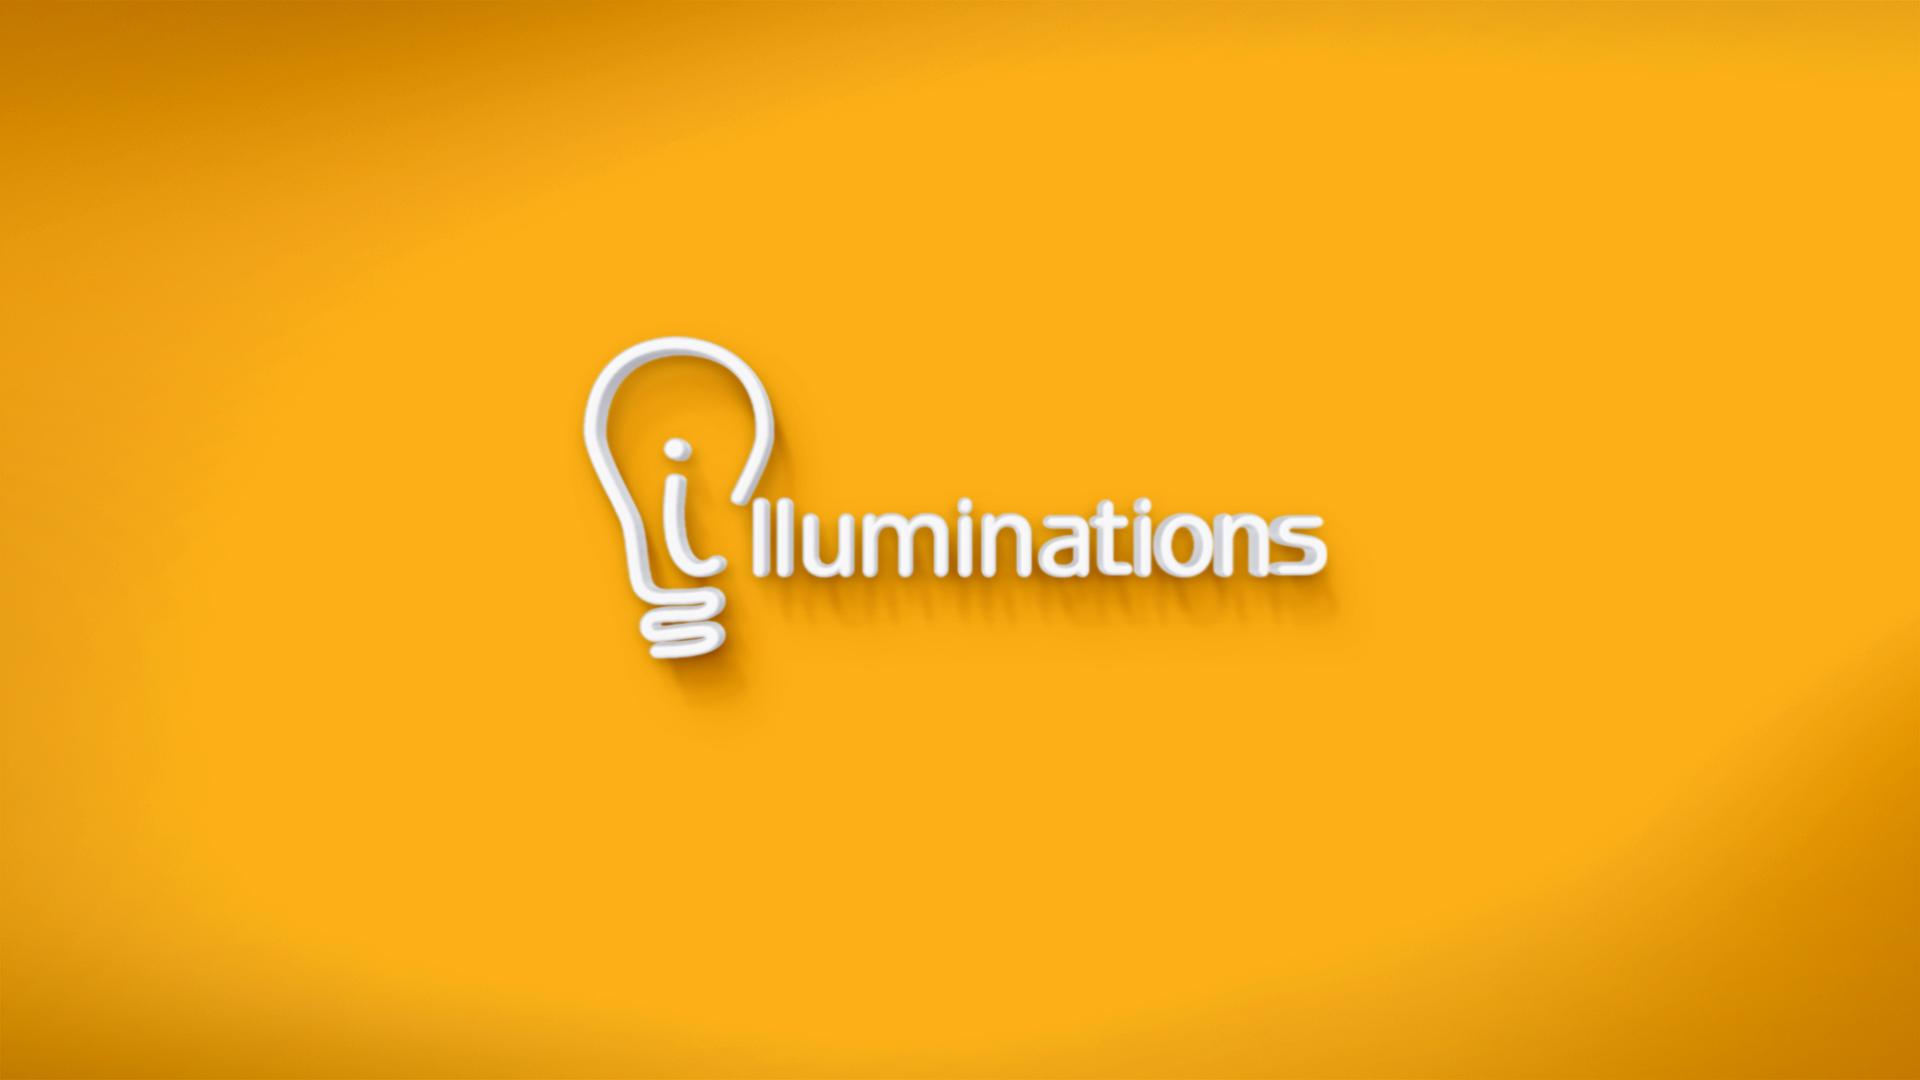 Illuminations Marketing Co.